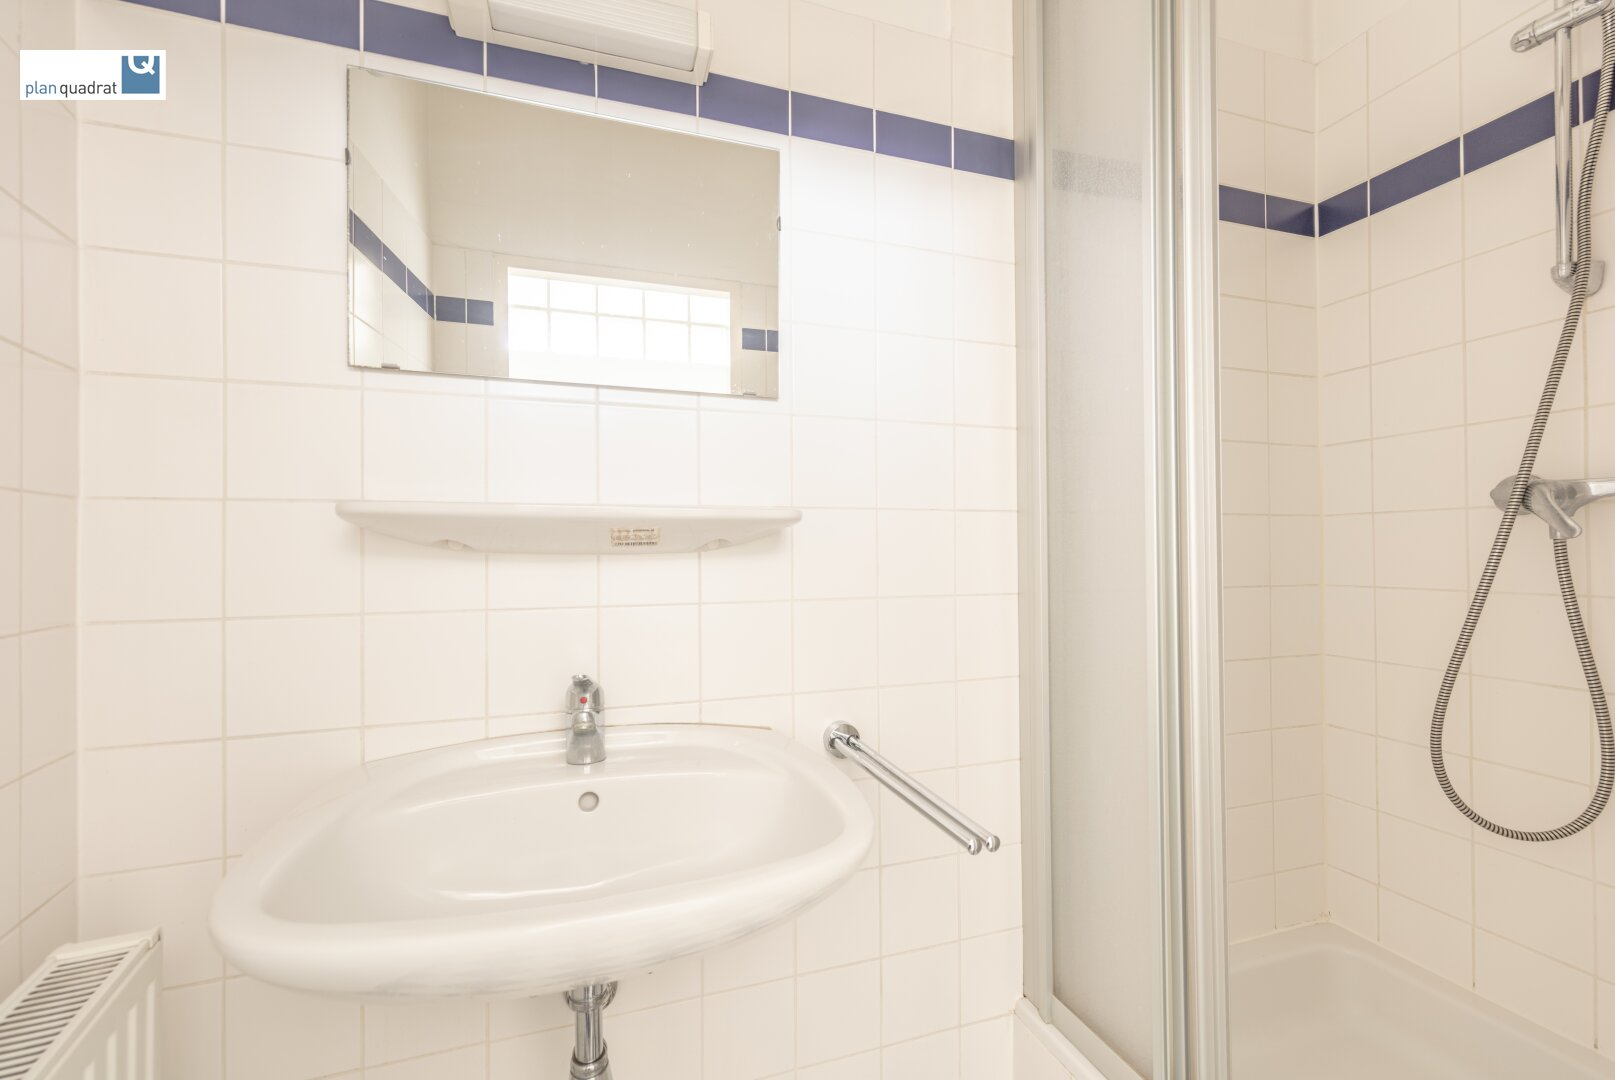 Badezimmer (mit Waschbecken und Duschkabine)